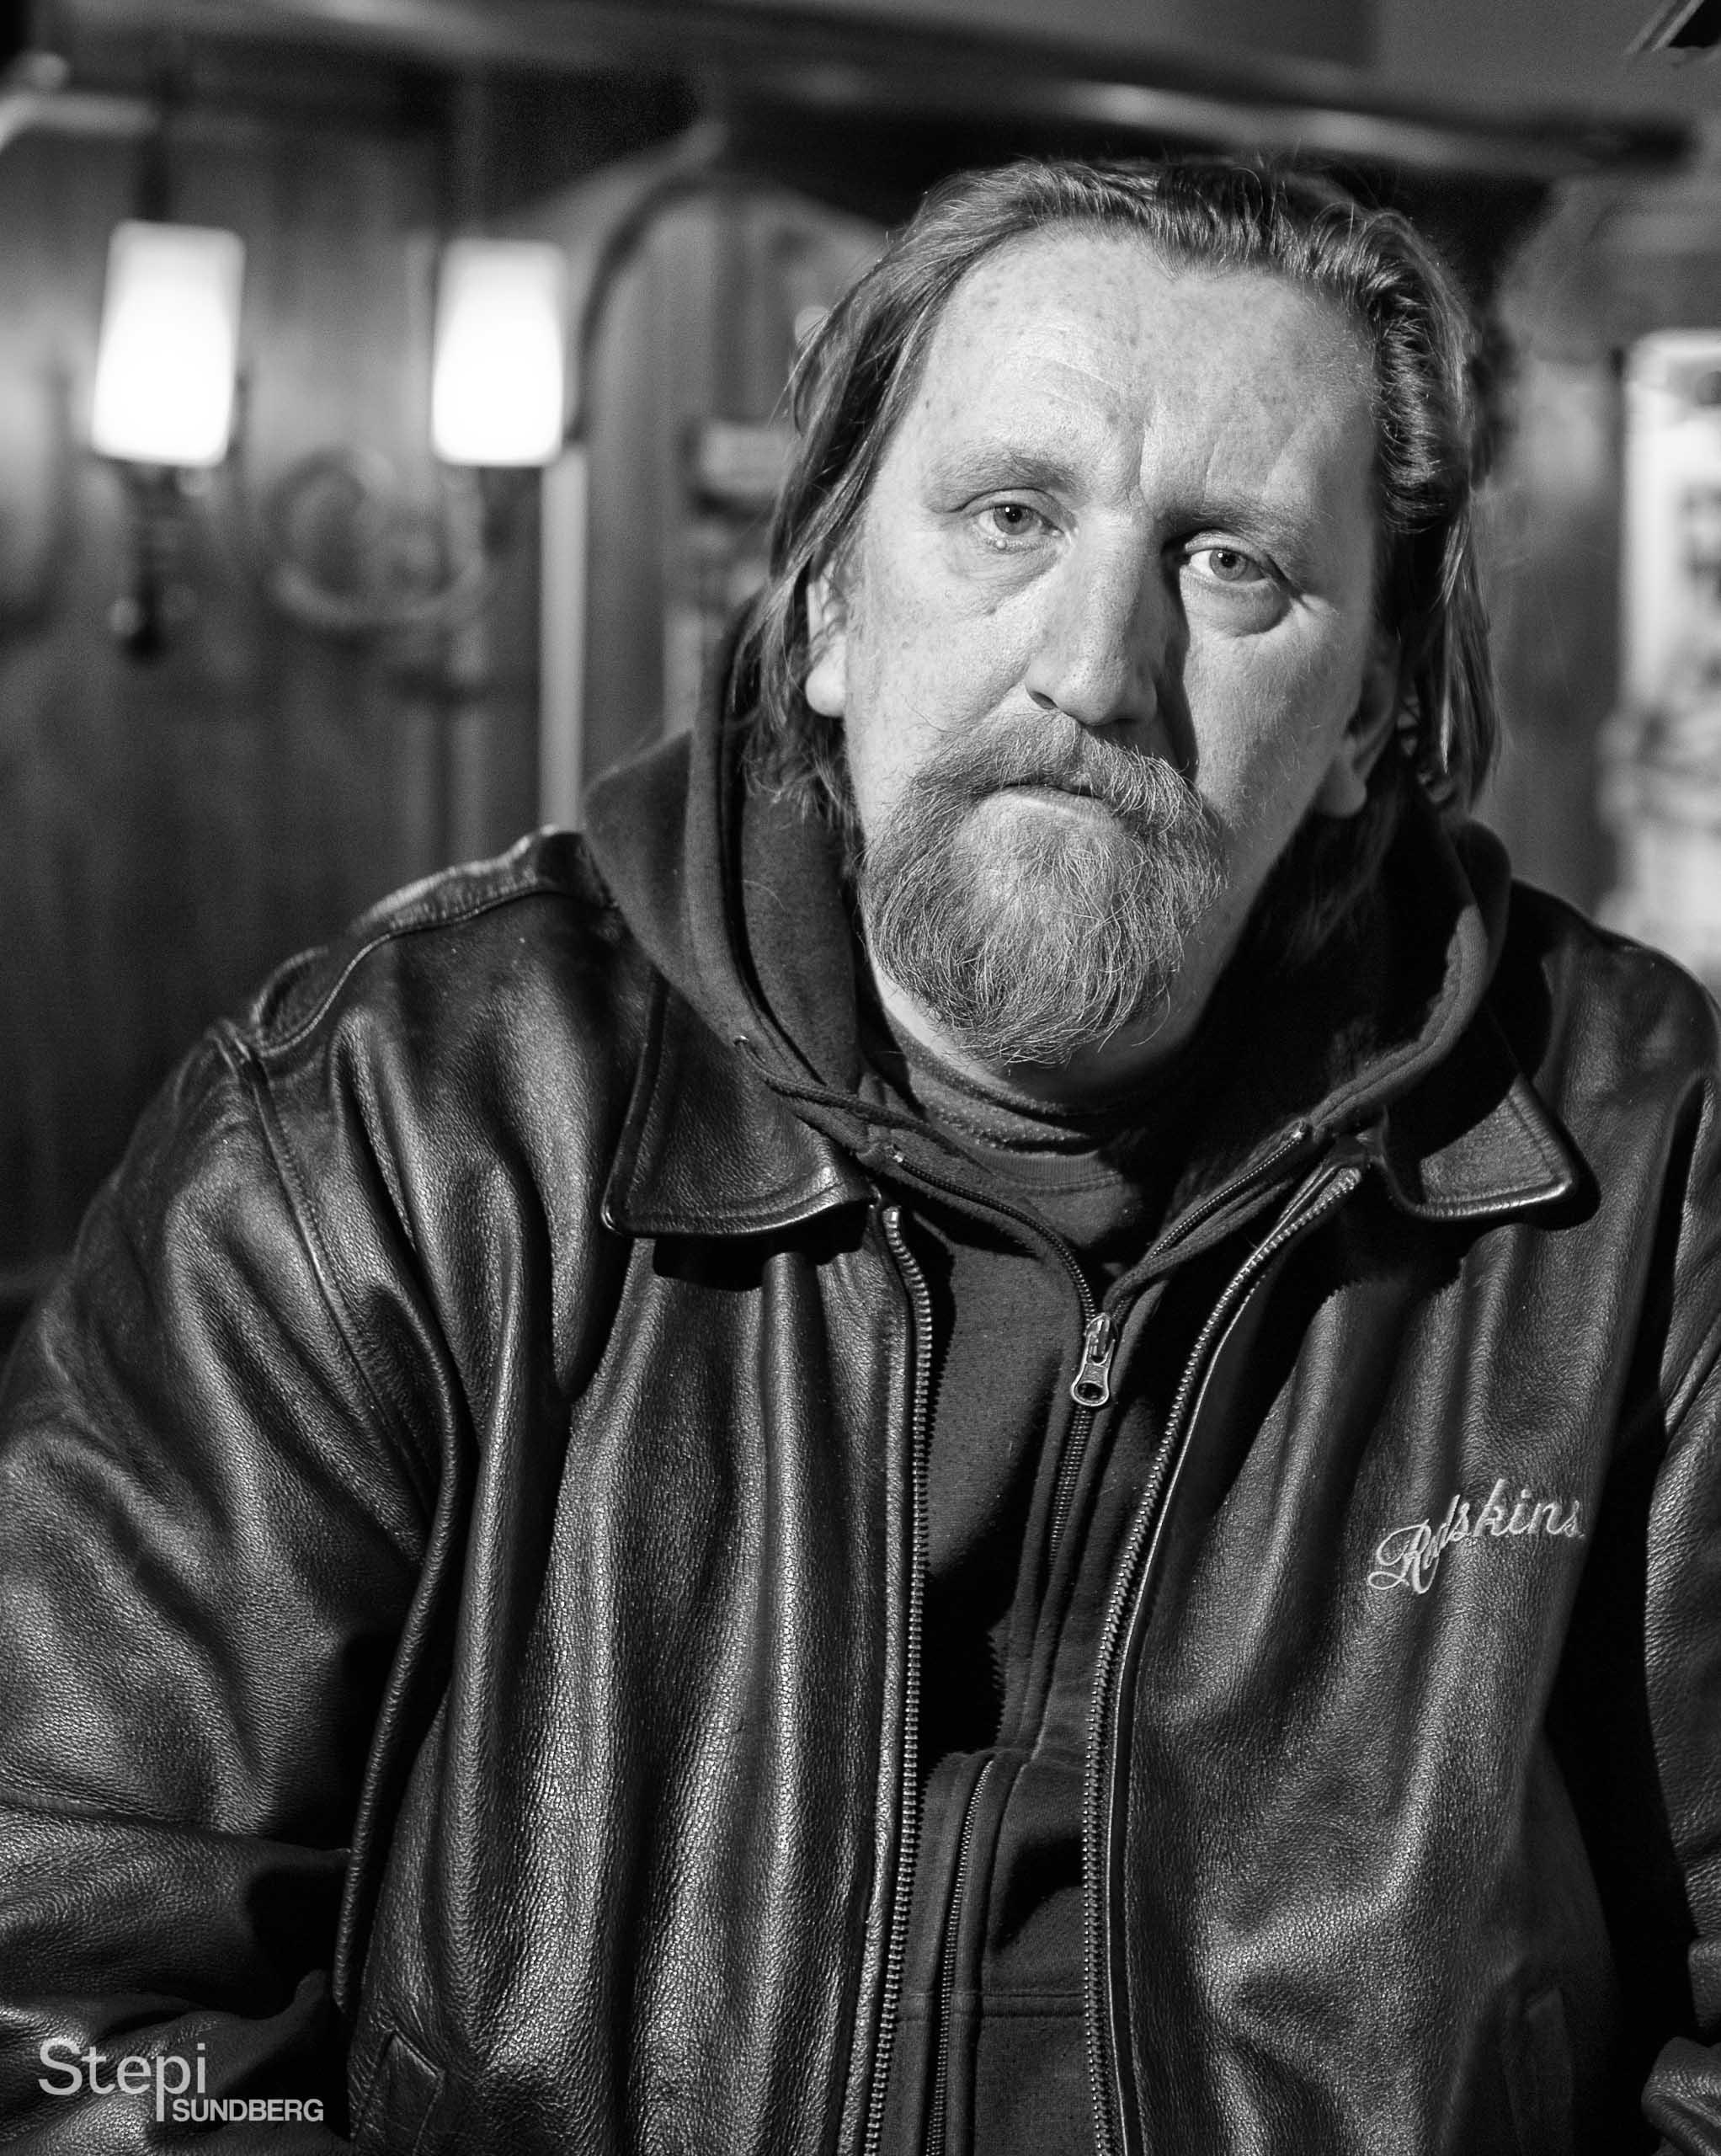 Henkilökuva miljöössä, Valokuvaaja Stepi Sundberg